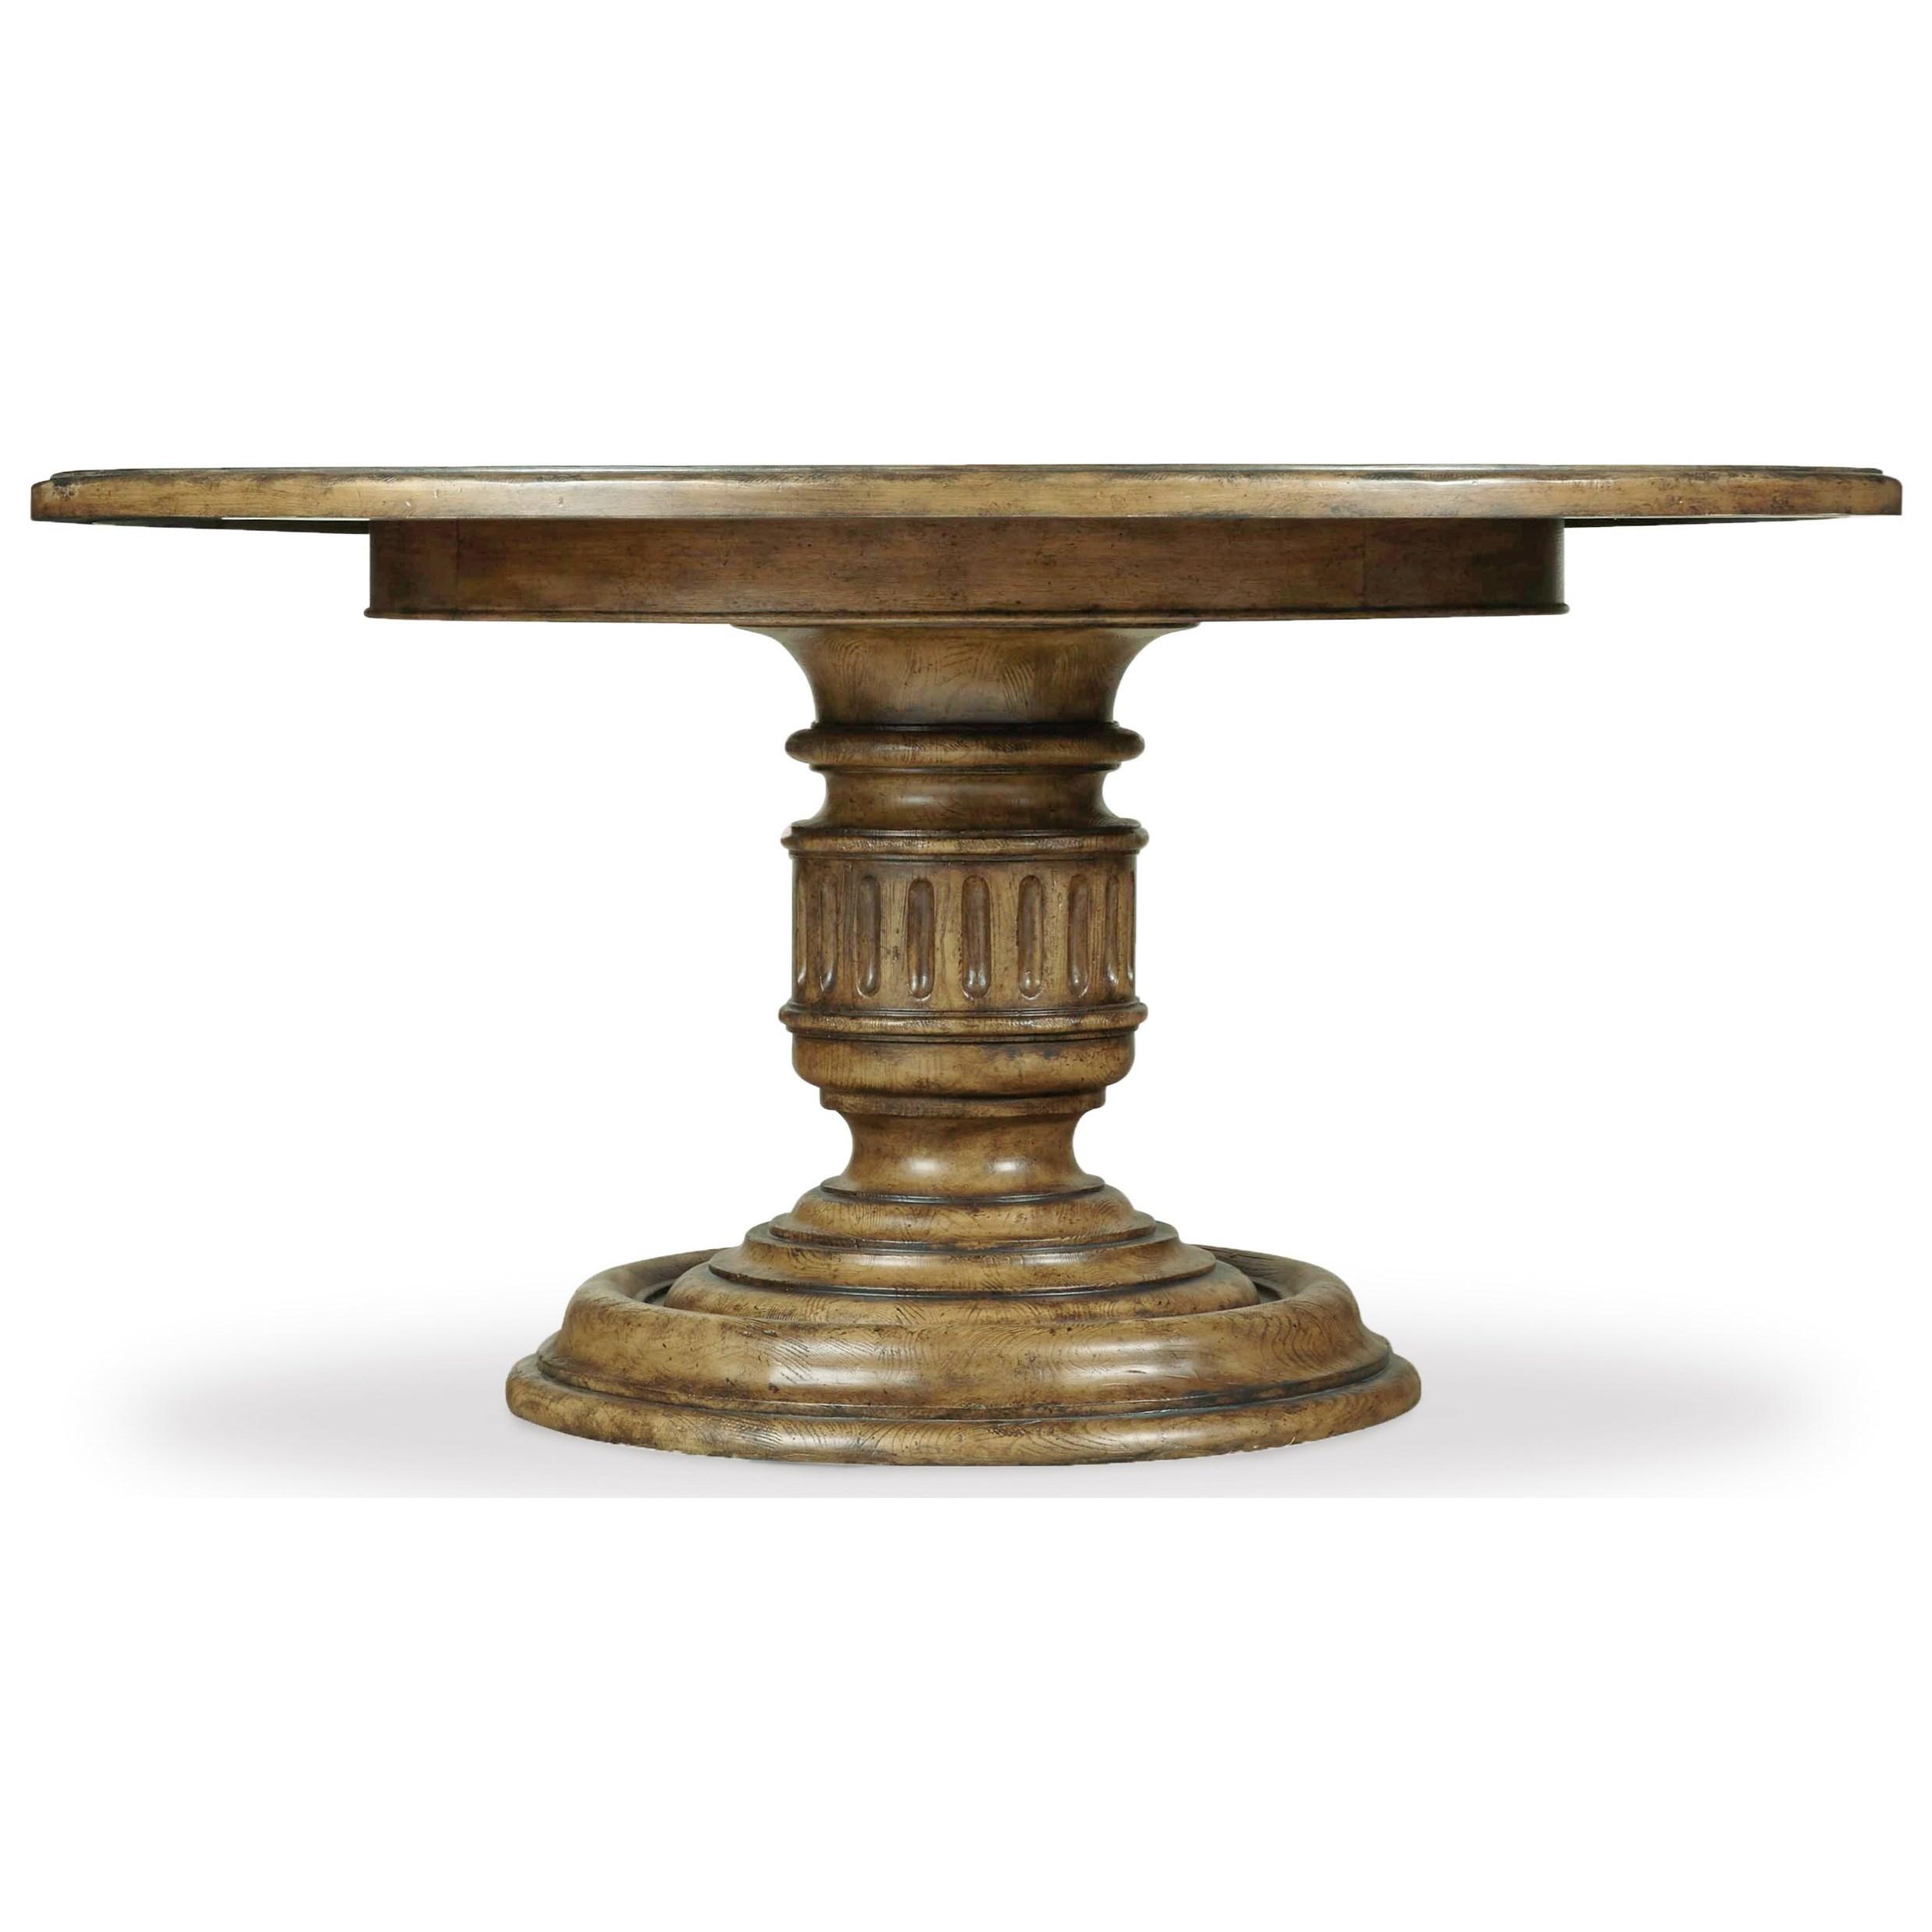 Hooker Furniture Auberose 60 Inch Round Pedestal Table - Item Number: 1595-75203-BRN